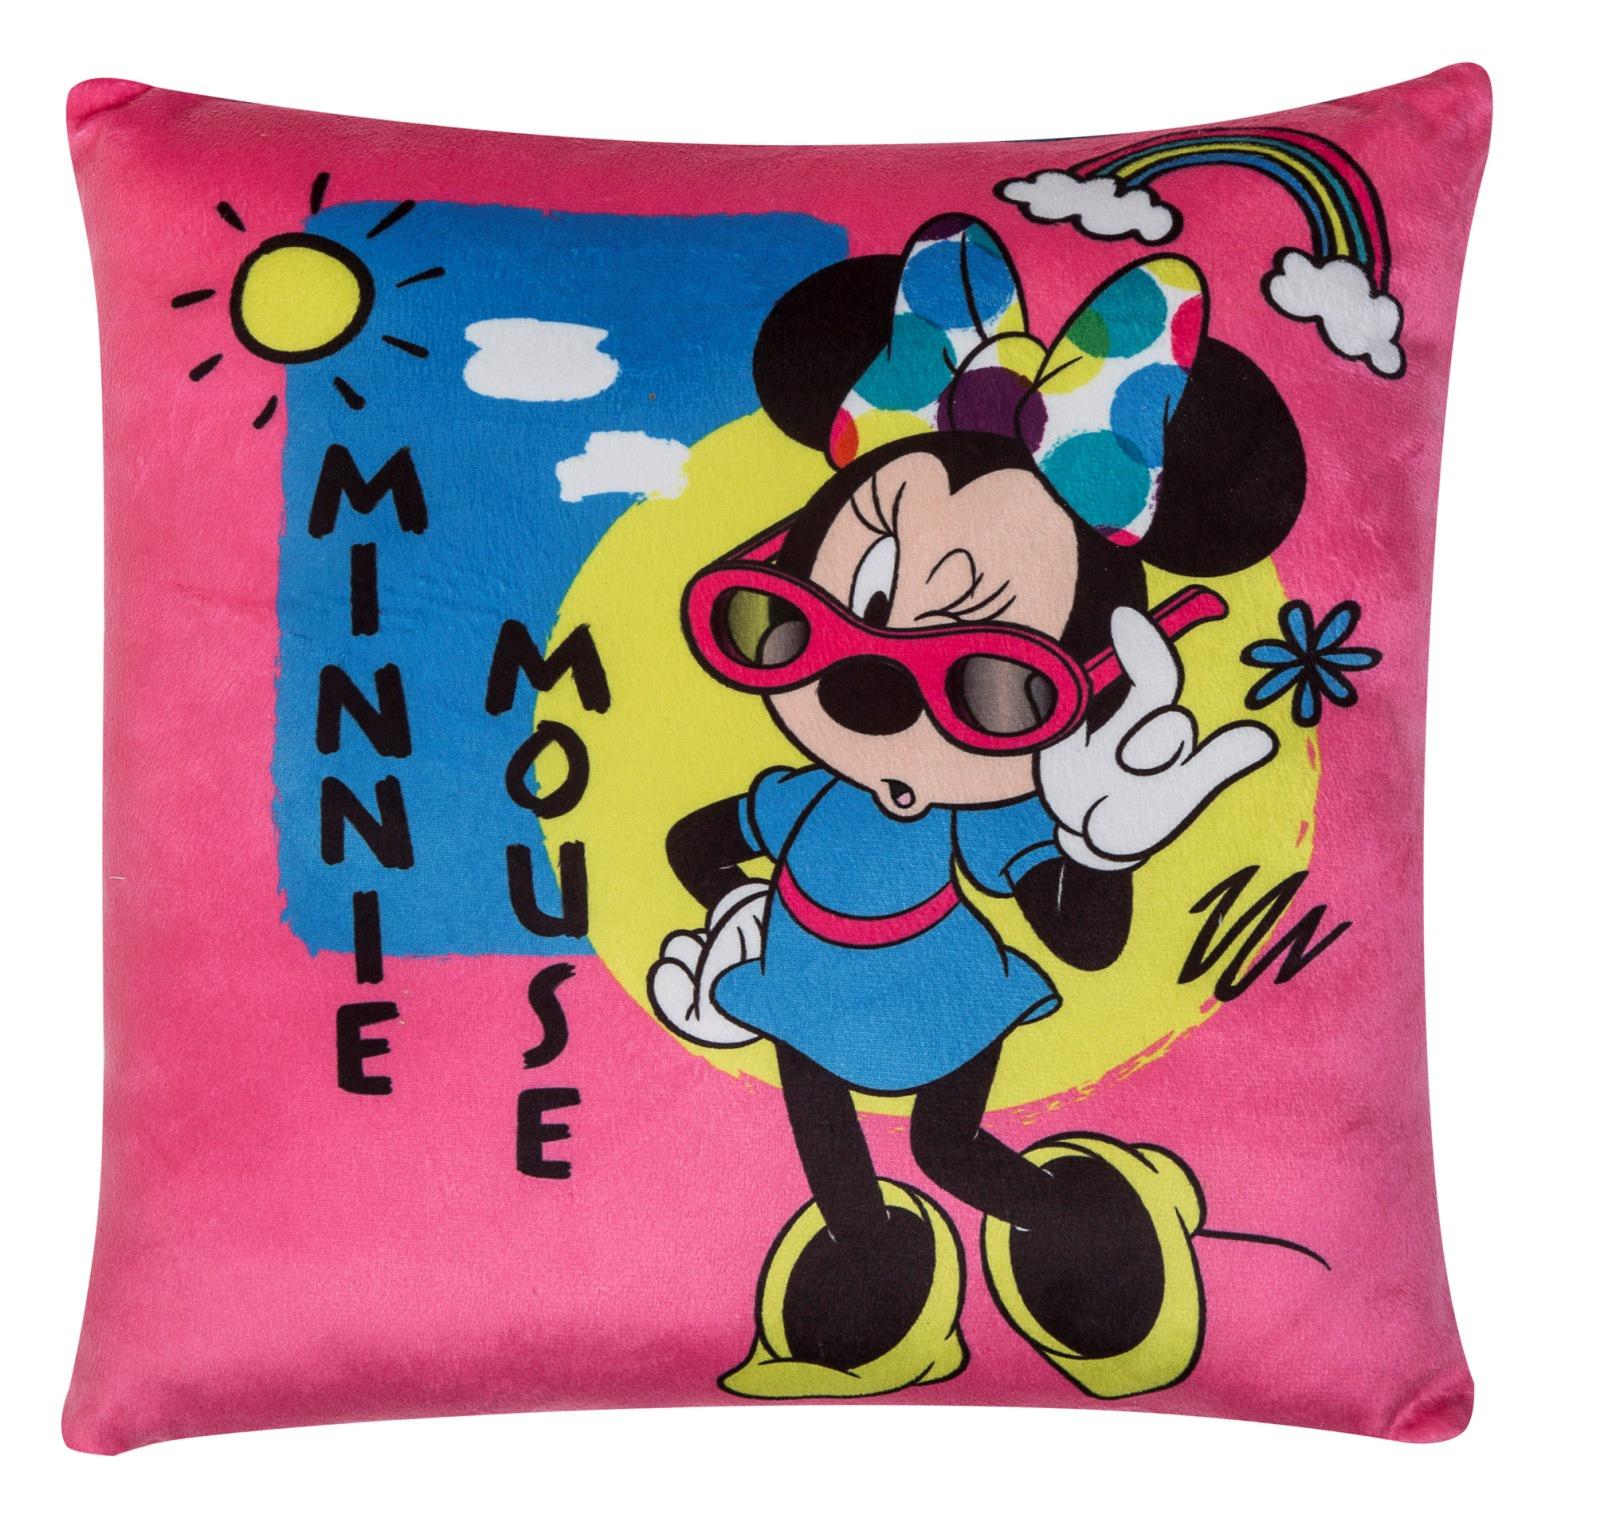 Подушка-перевертыш Disney Минни Маус Дисней, цвет: розовый, мультиколор, 36 х 36 см. 16403 цена